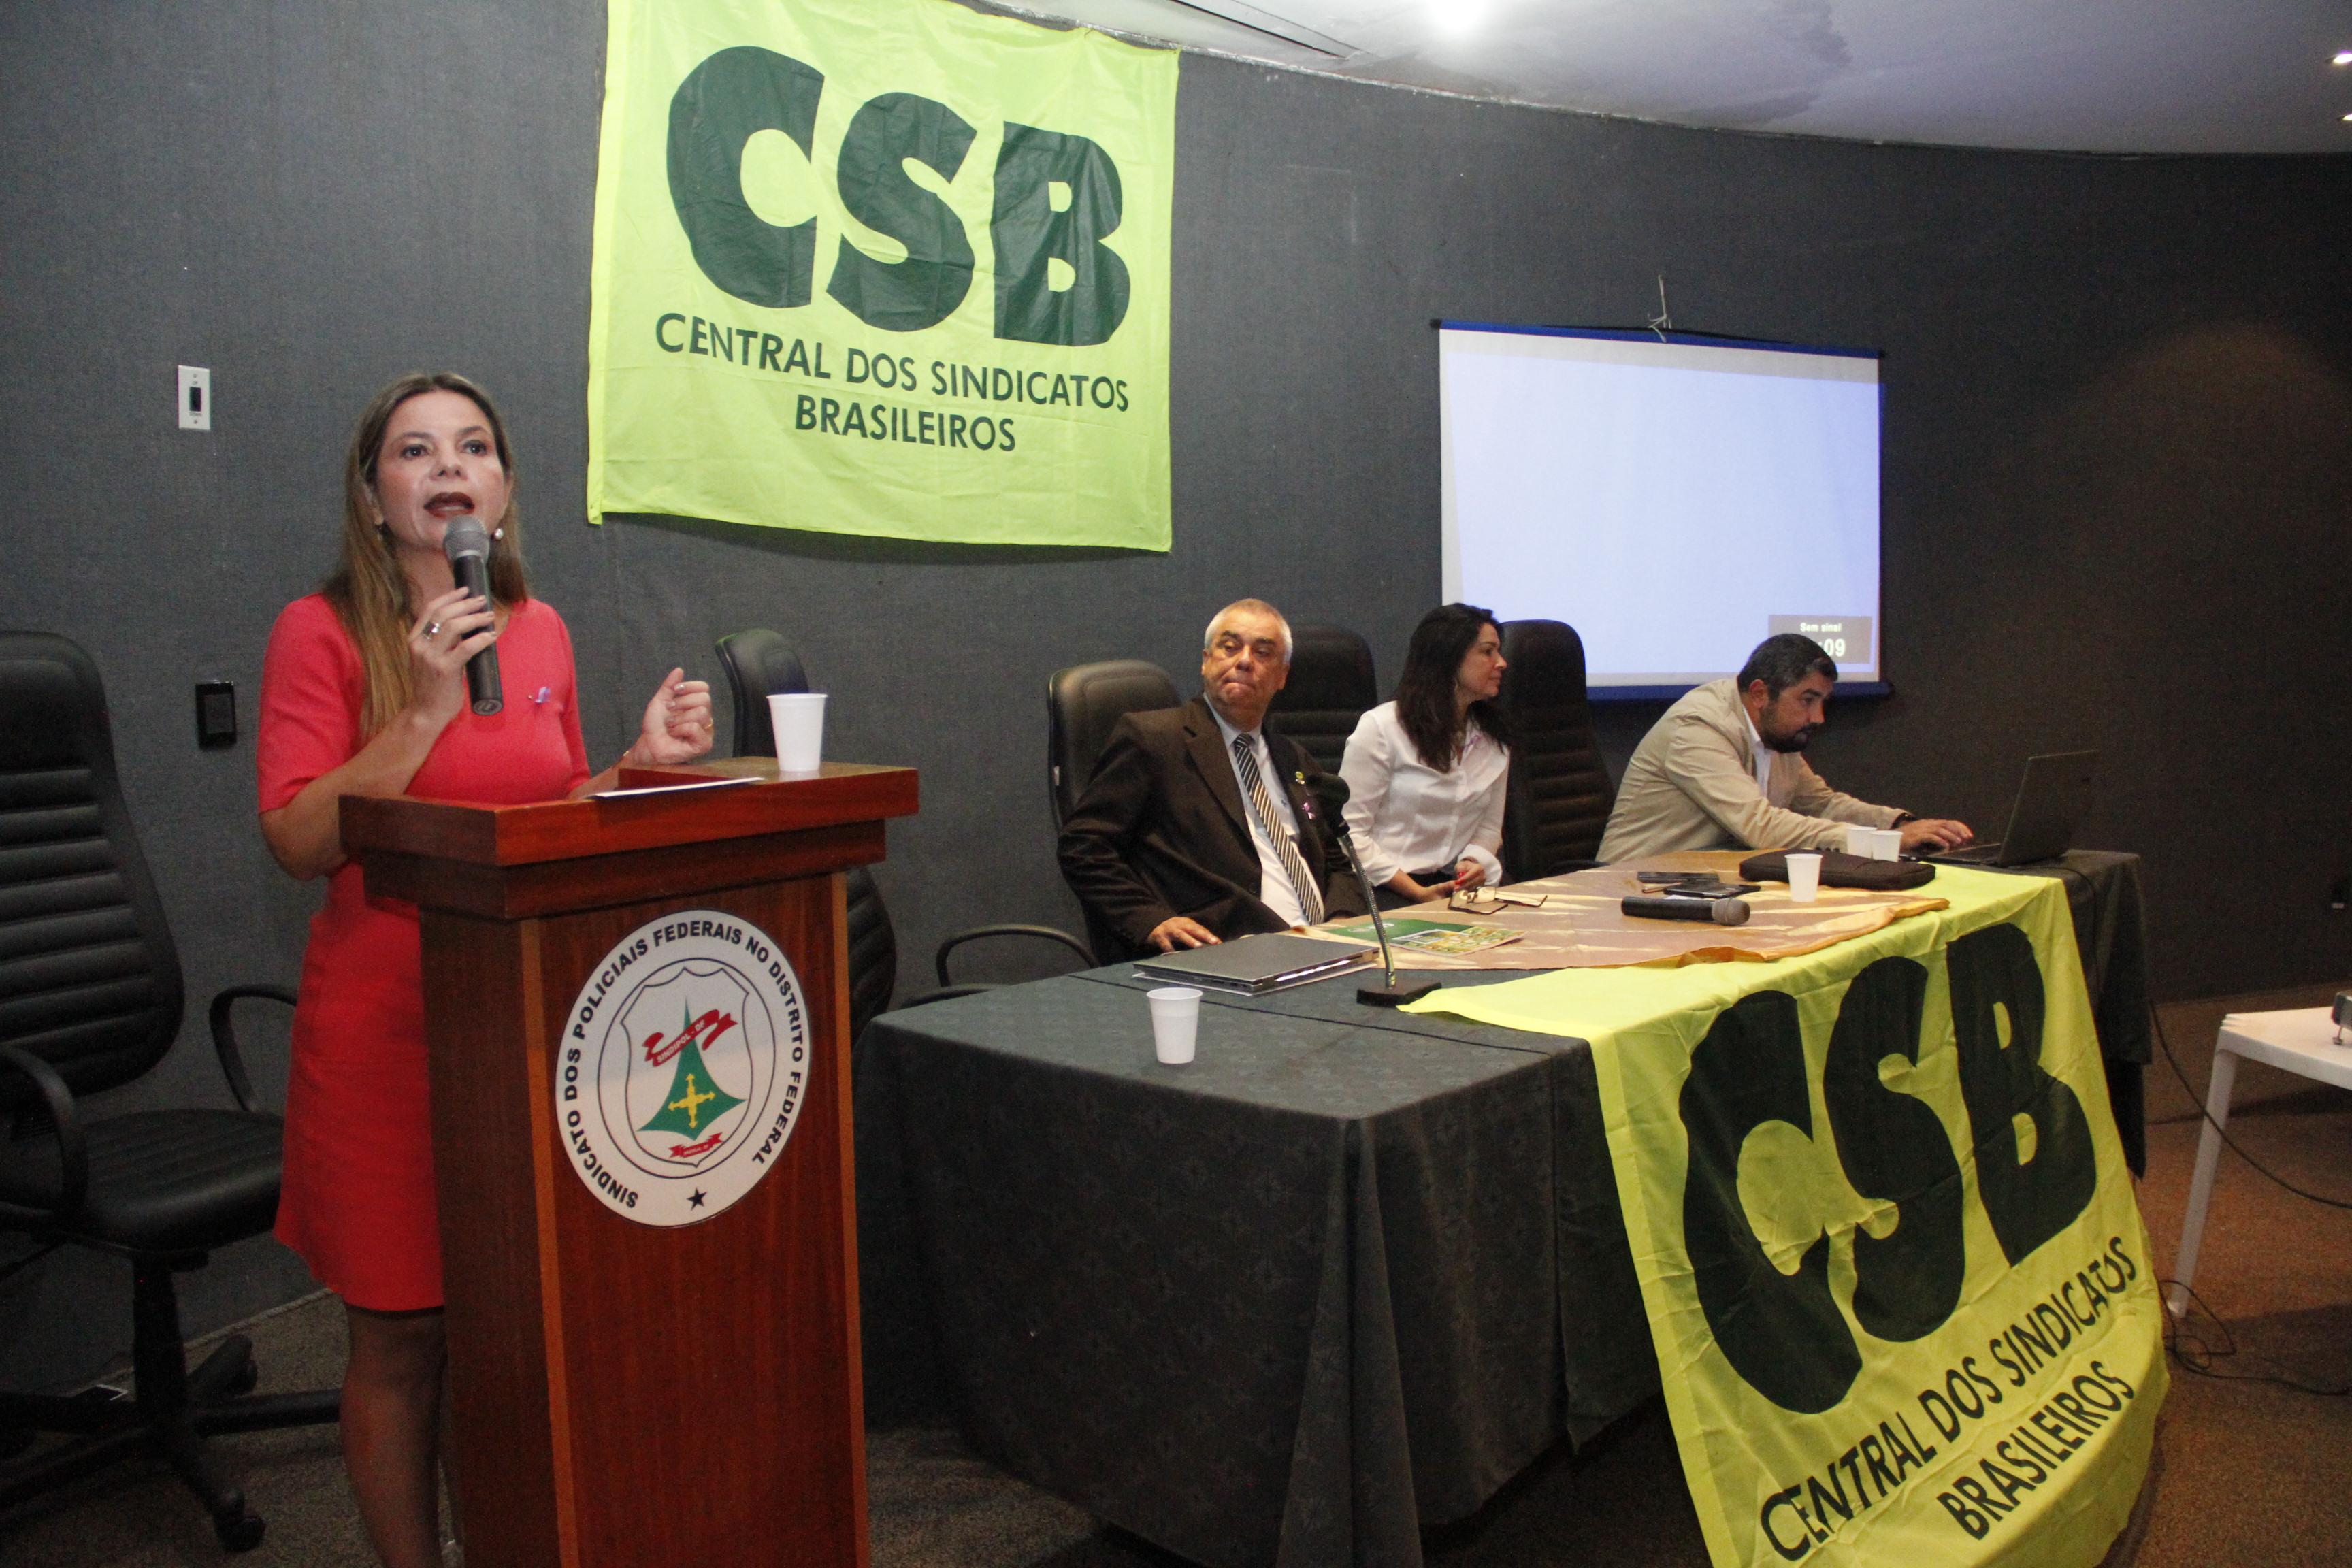 Vice-presidente da Anamatra fala sobre as inconstitucionalidades da reforma trabalhista em seminário da CSB